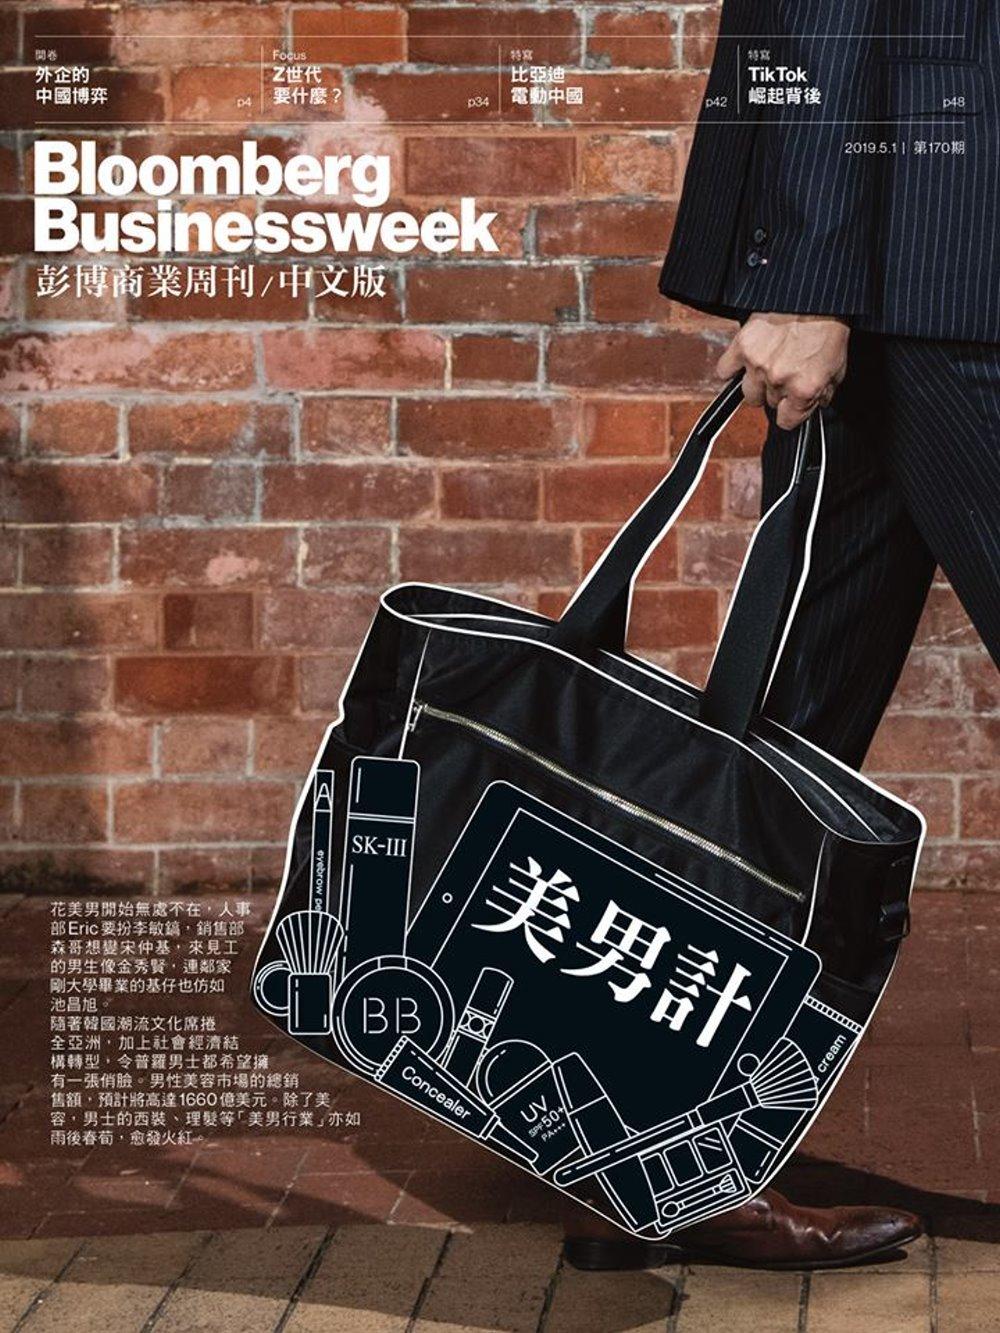 彭博商業周刊/中文版 第170期